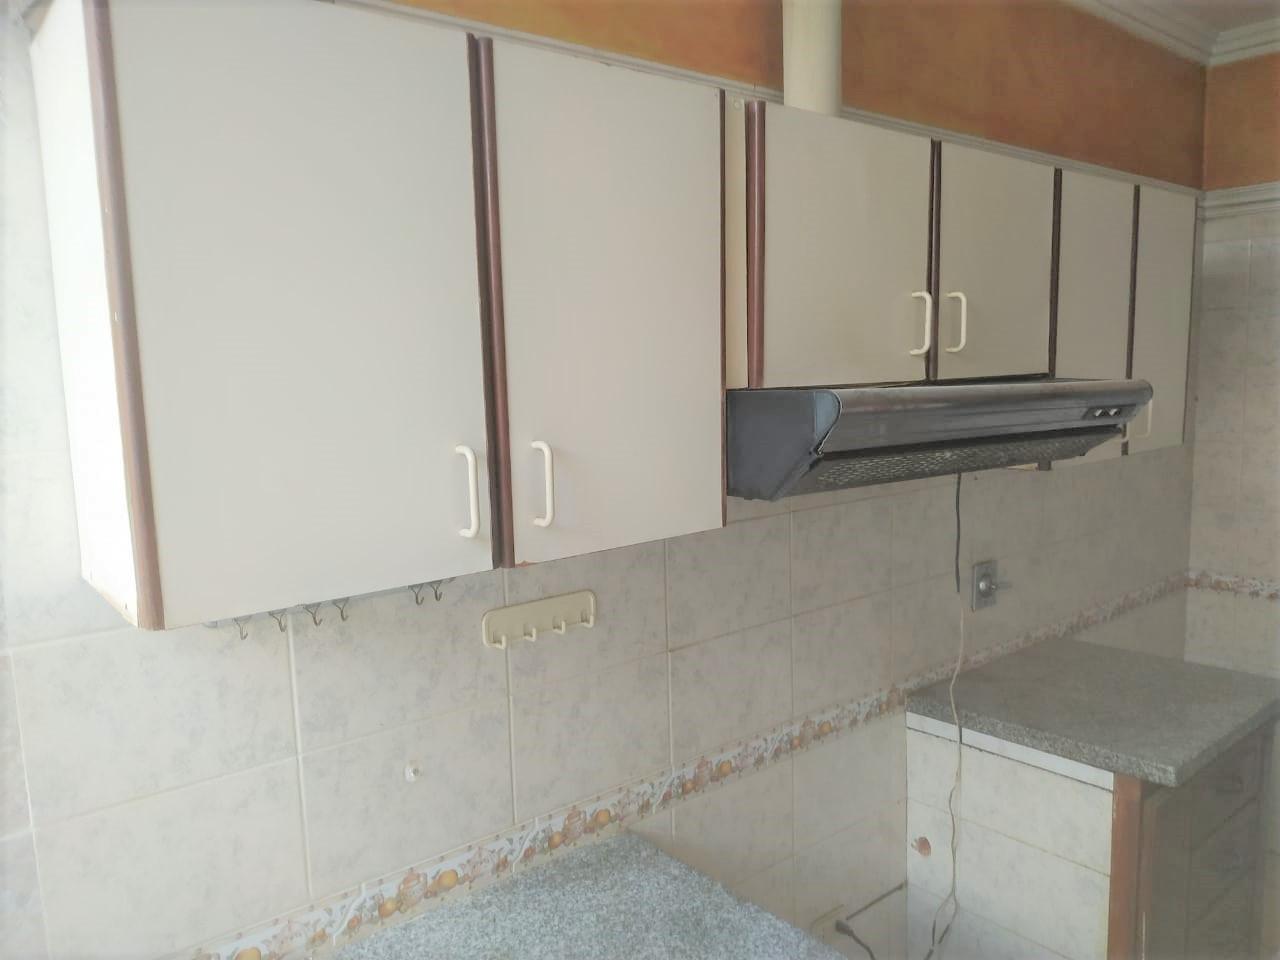 Casa en Alquiler COND LOS BOSQUES ENTRE 4TO  Y 5TO ANILLO RADIAL 26, CASA EN ALQUILER Foto 17